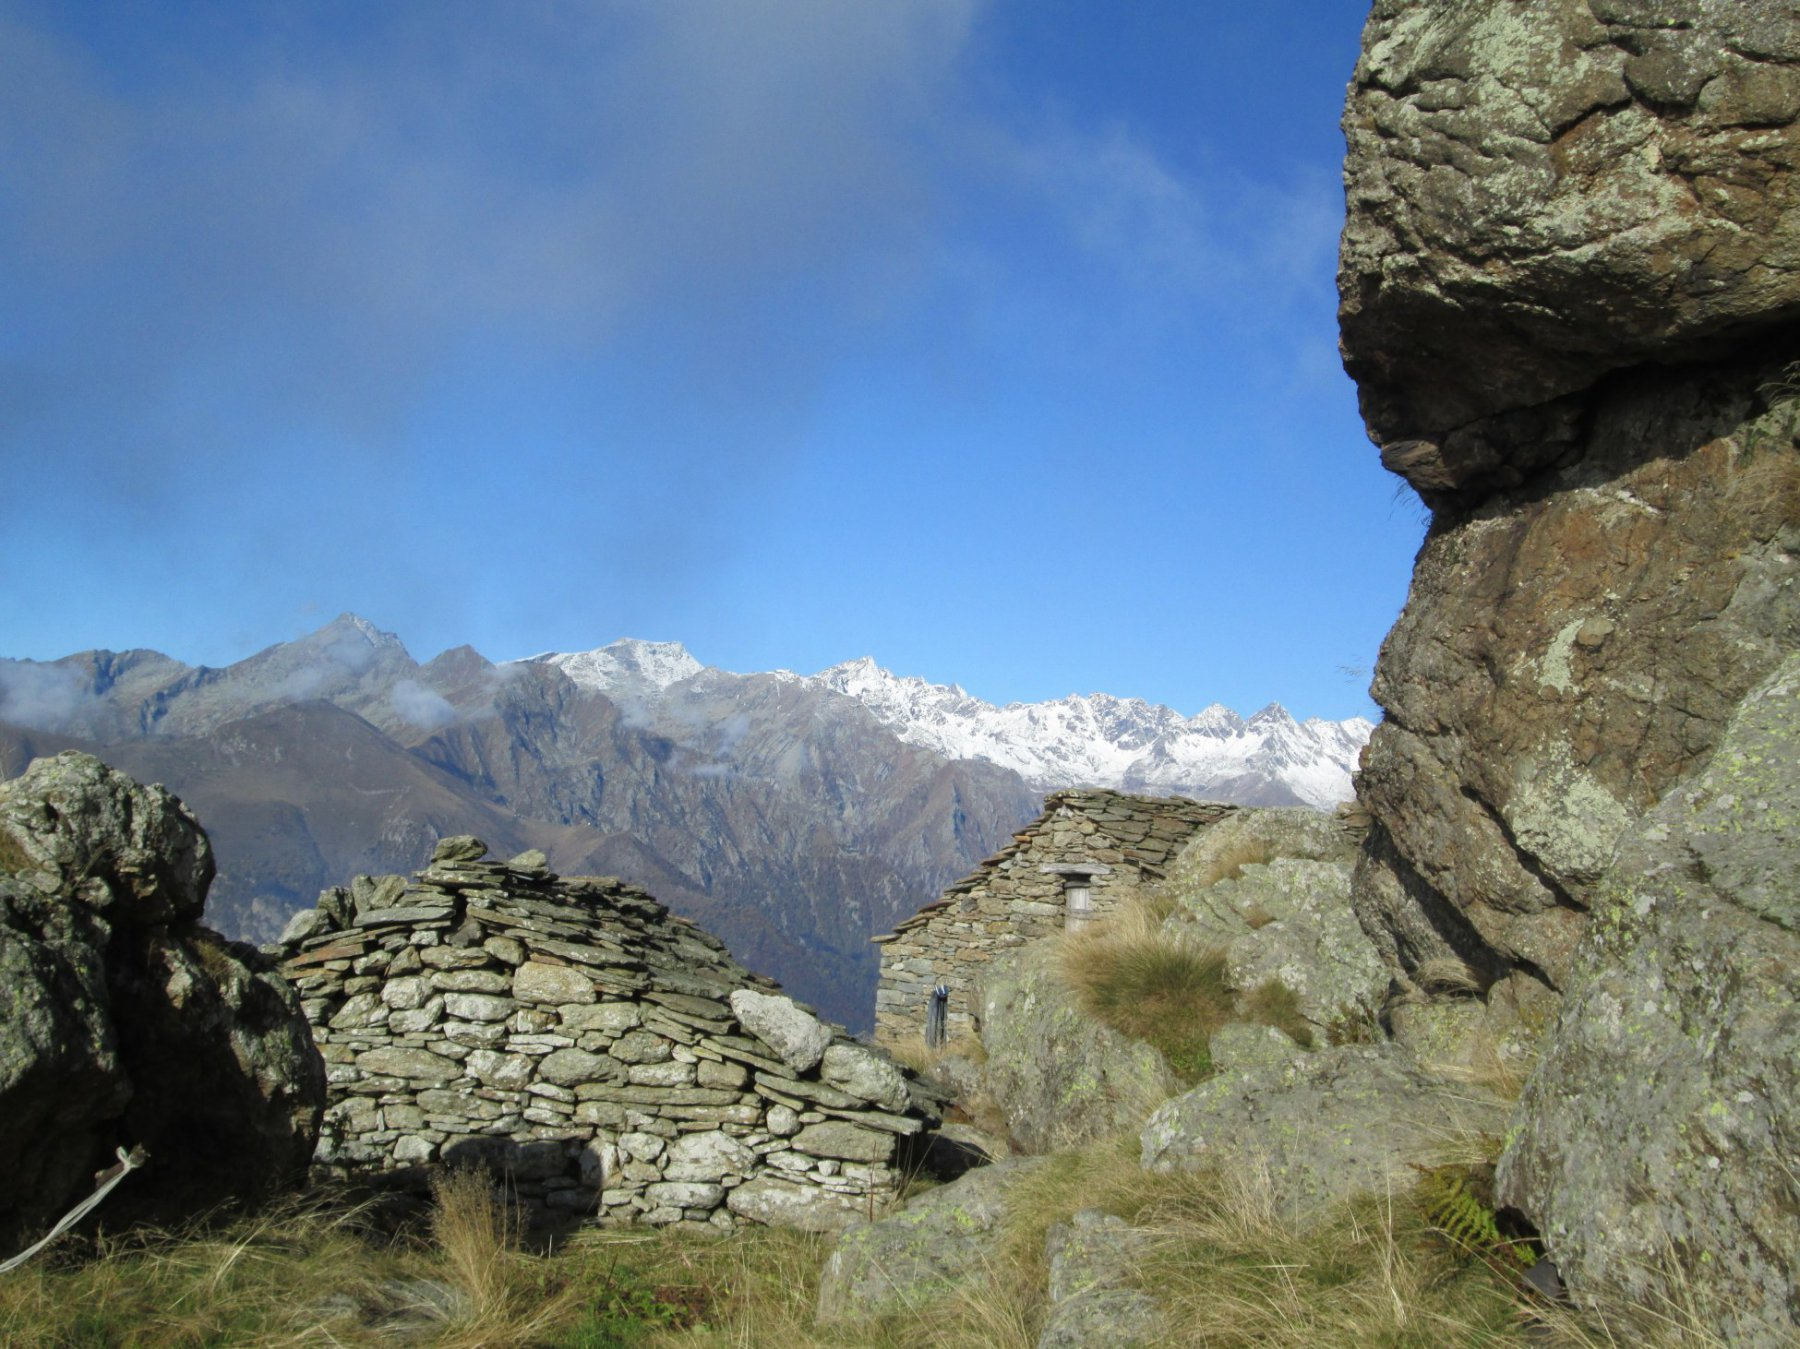 montagne innevate sullo sfondo ancora ben visibili